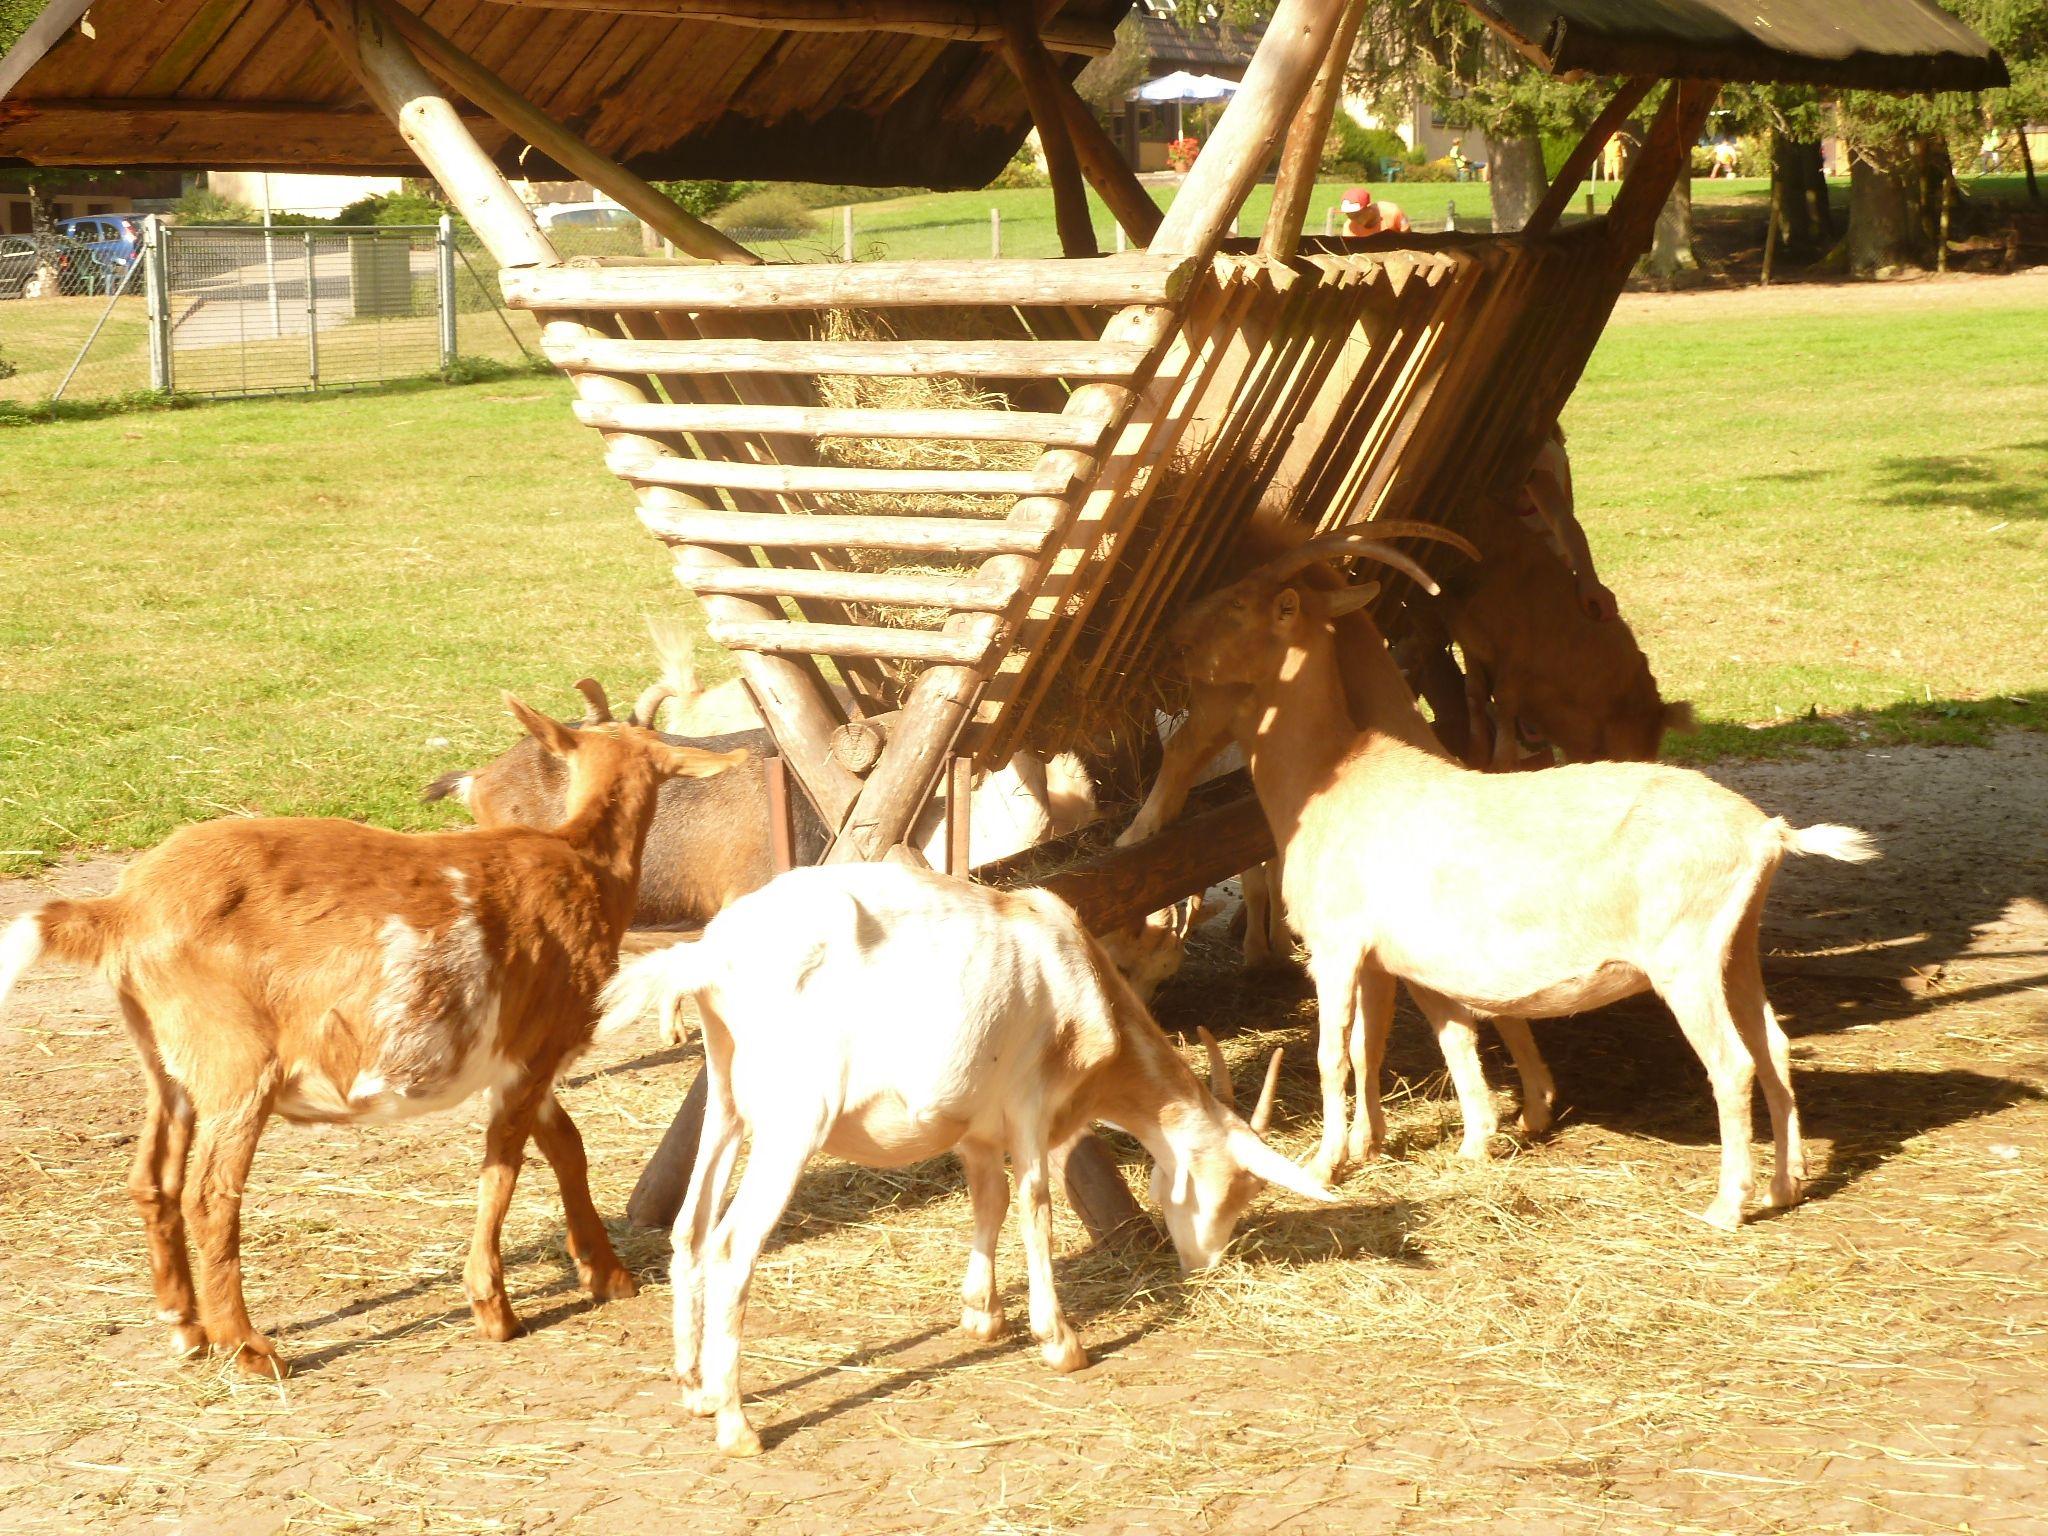 Monbachtal Eine Wanderung Zur Verwunschenen Schlucht Animals Horses Goats